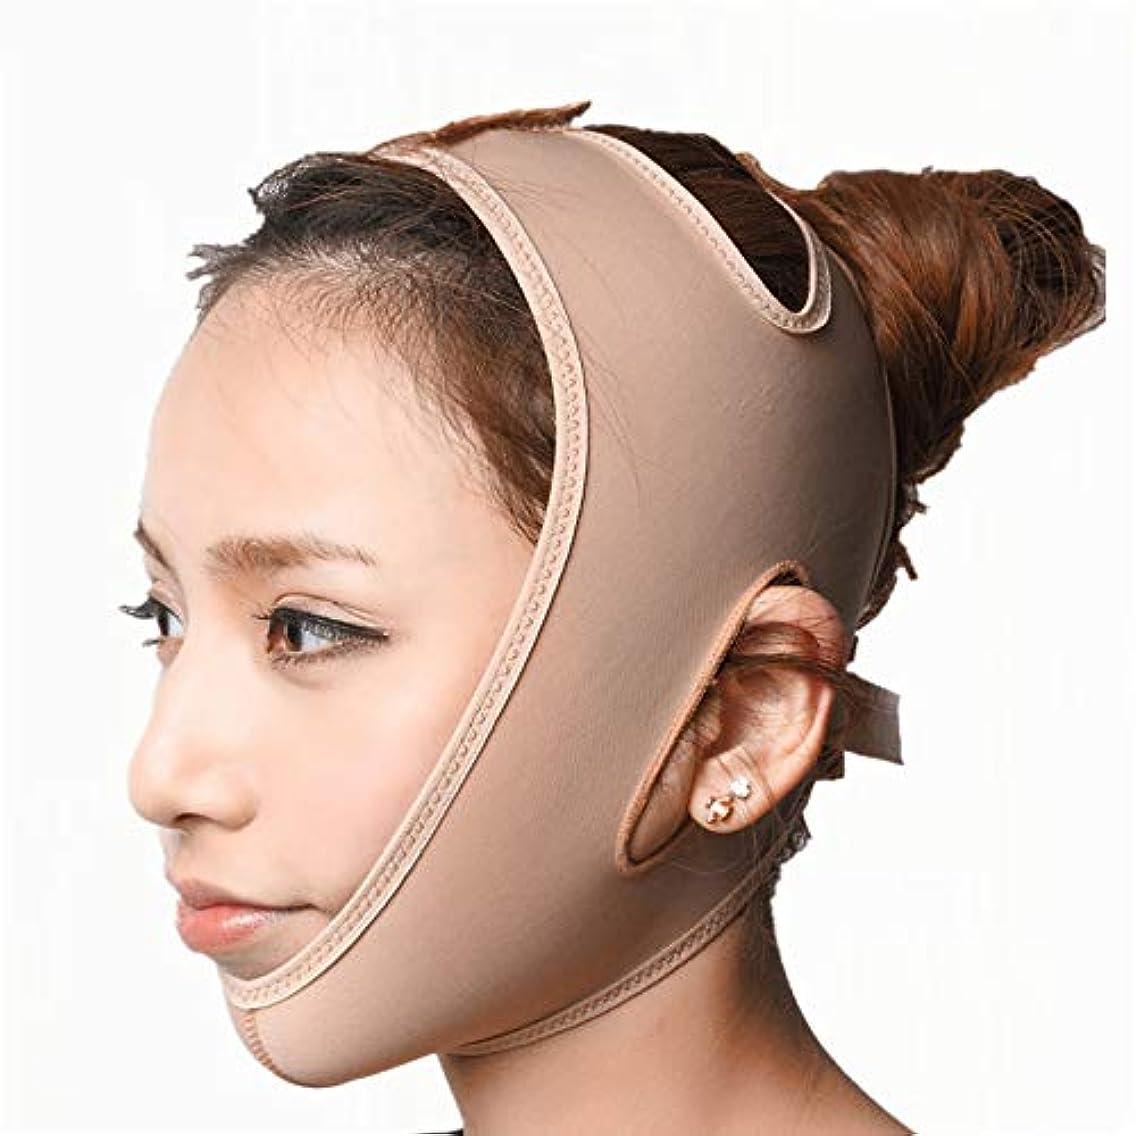 アスペクト水曜日いうBS 顔の持ち上がる痩身ベルト - アンチエイジングリンクルフェイスマスクベルトシンフェイス包帯整形マスクは顔と首を締めますフェイススリム フェイスリフティングアーティファクト (Size : L)